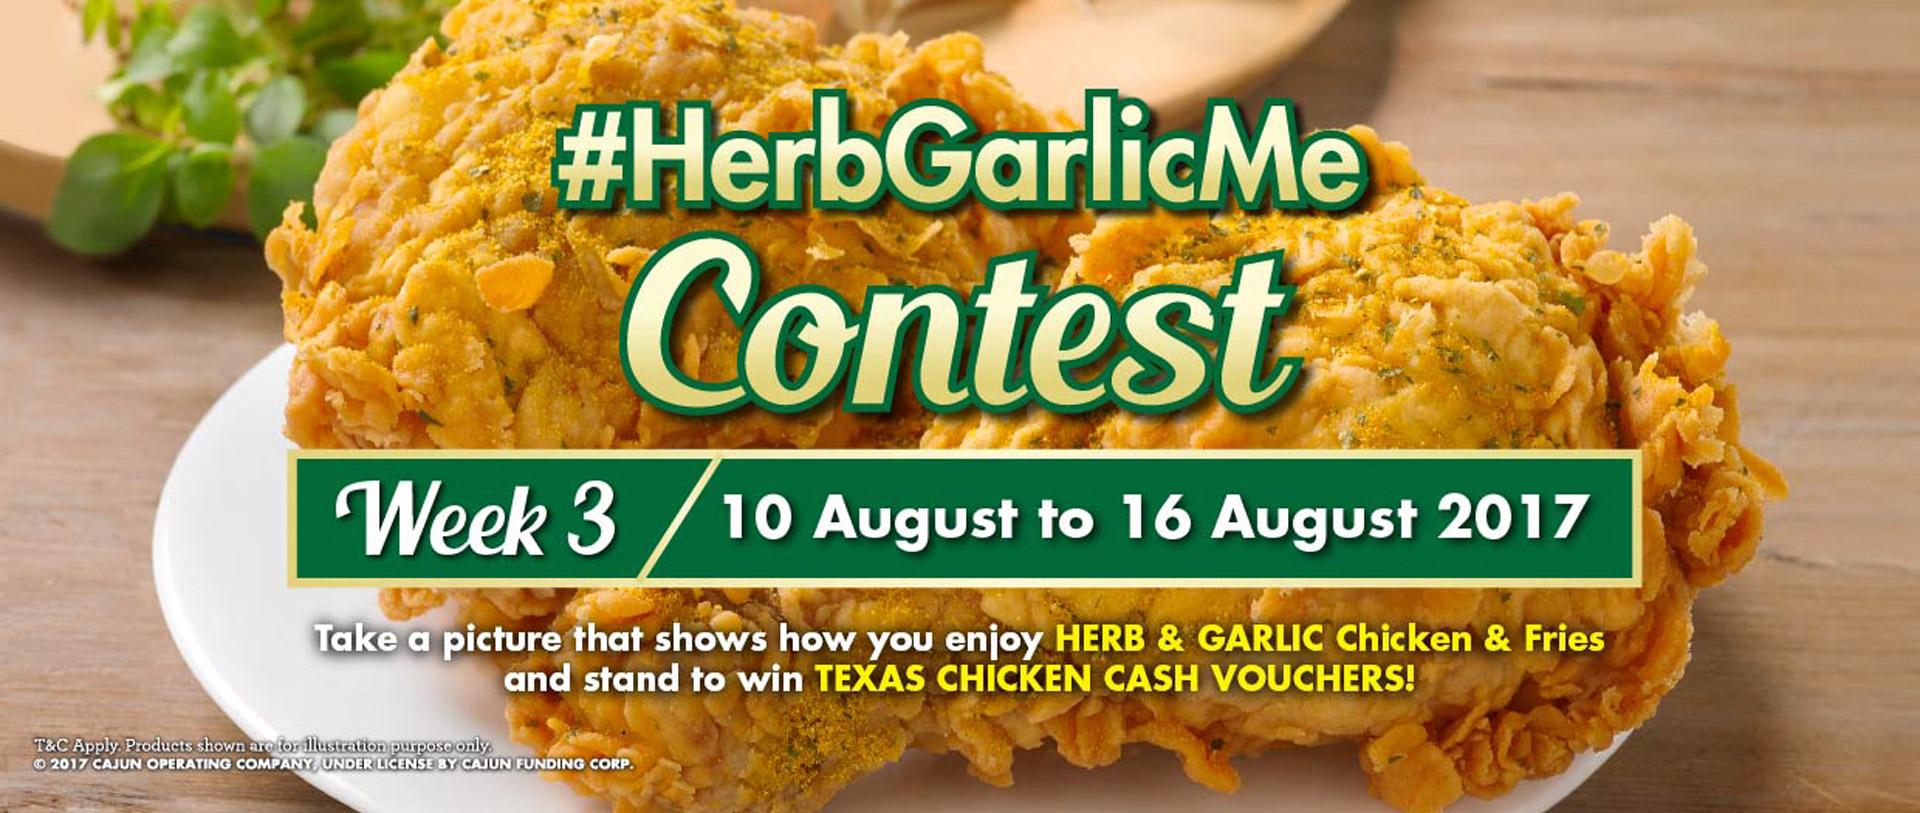 Texas Chicken Promotions: #HerbGarlicMe Contest. Stand to win Texas Chicken Cash Voucher.